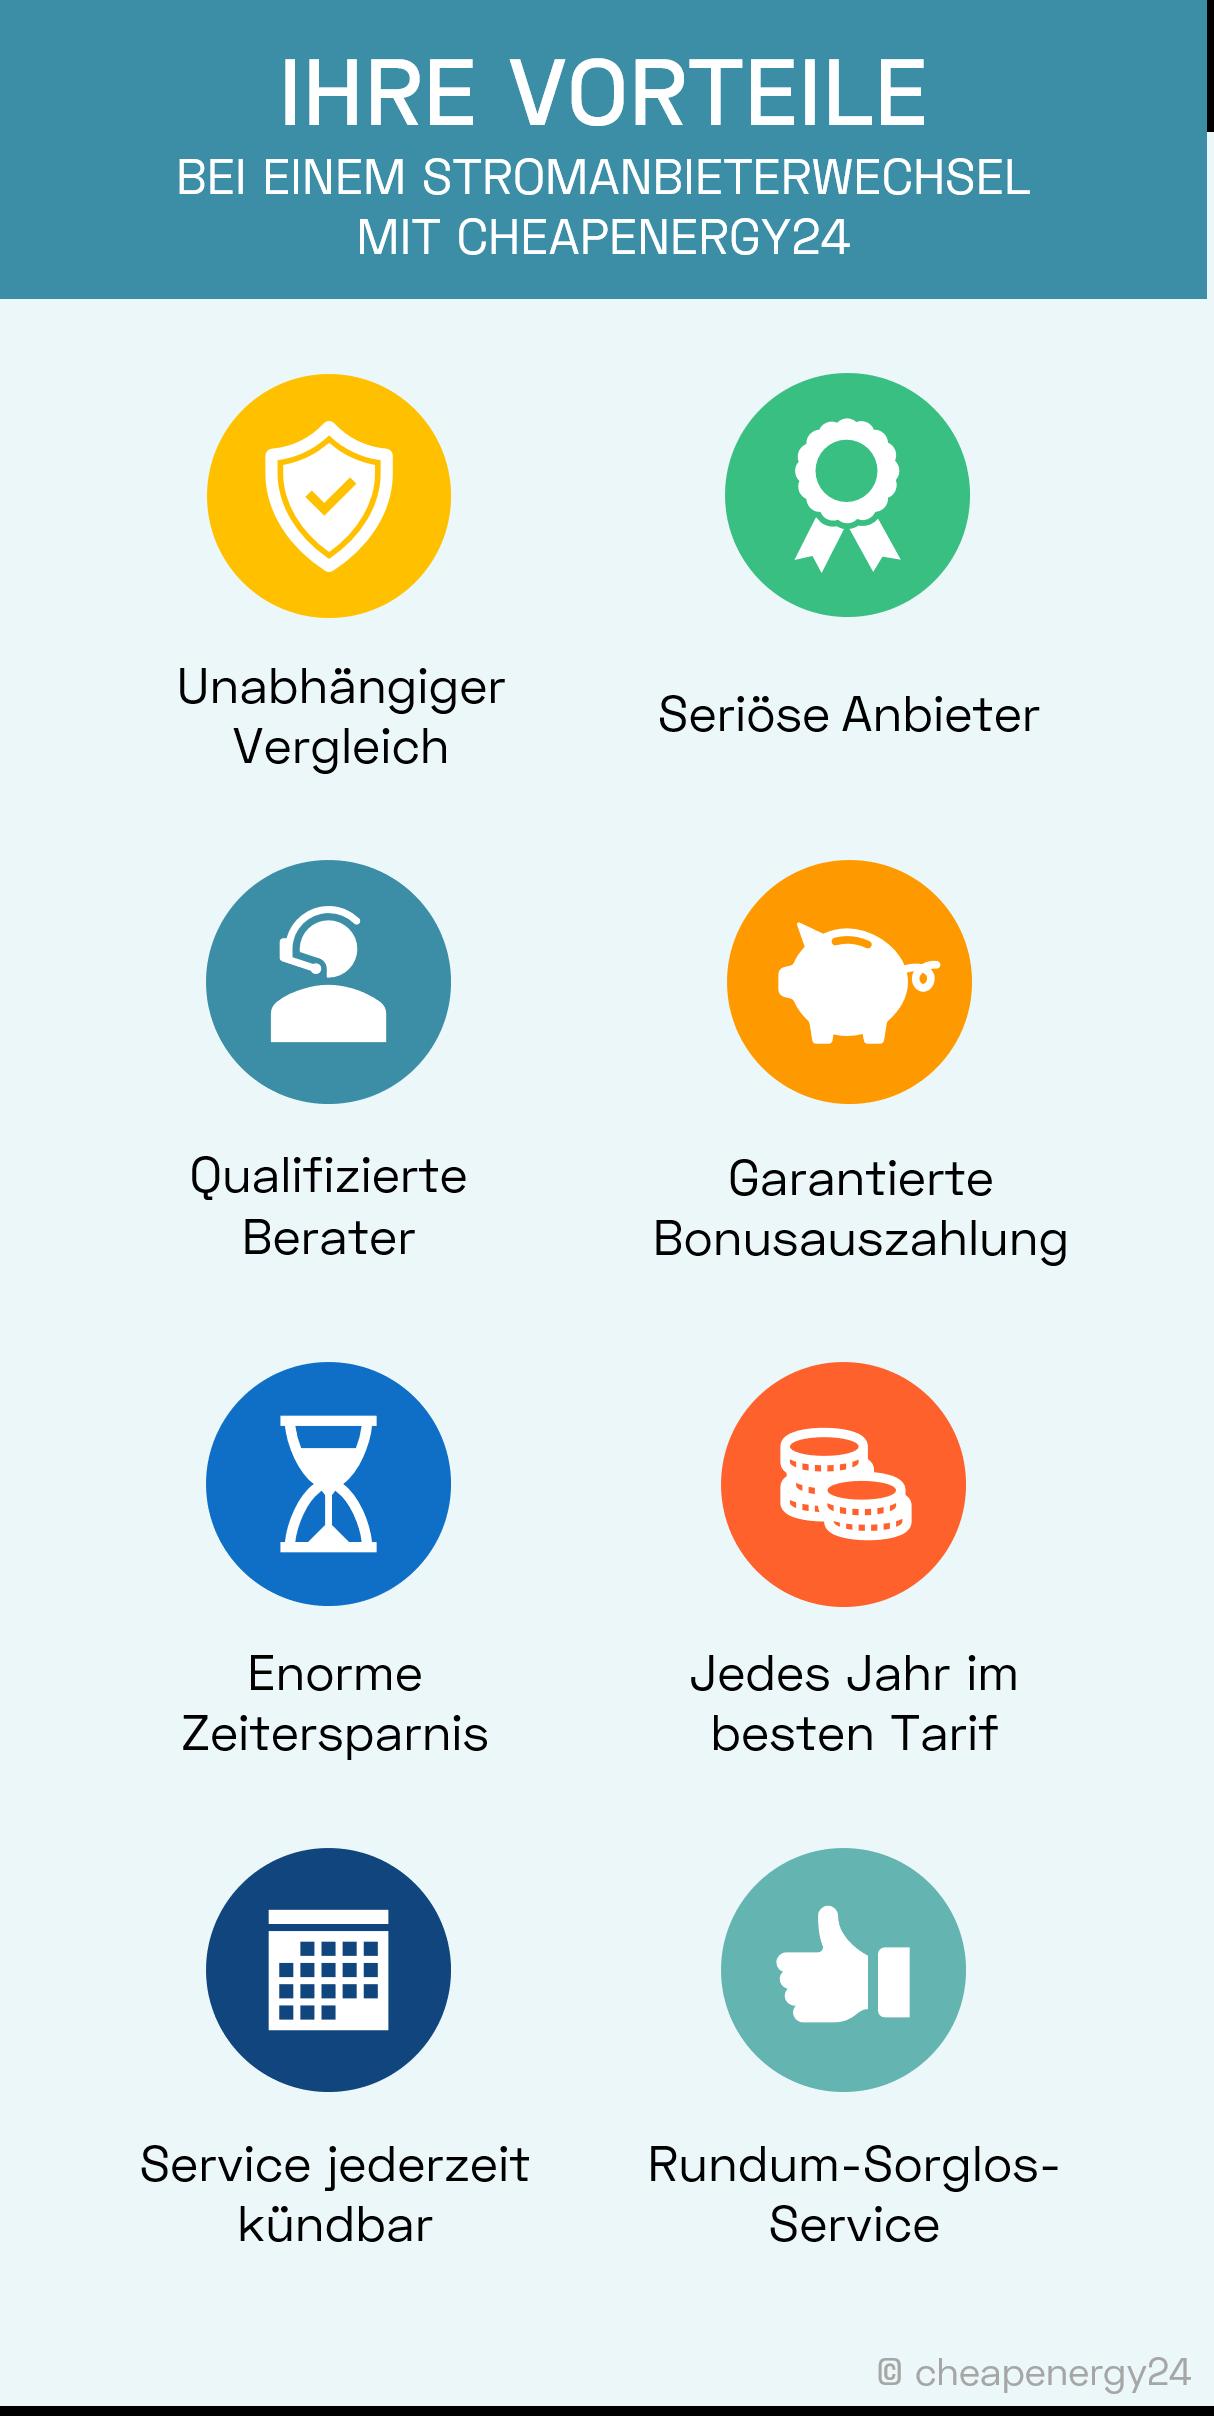 Vorteile Stromanbieterwechsel Augsburg cheapenergy24